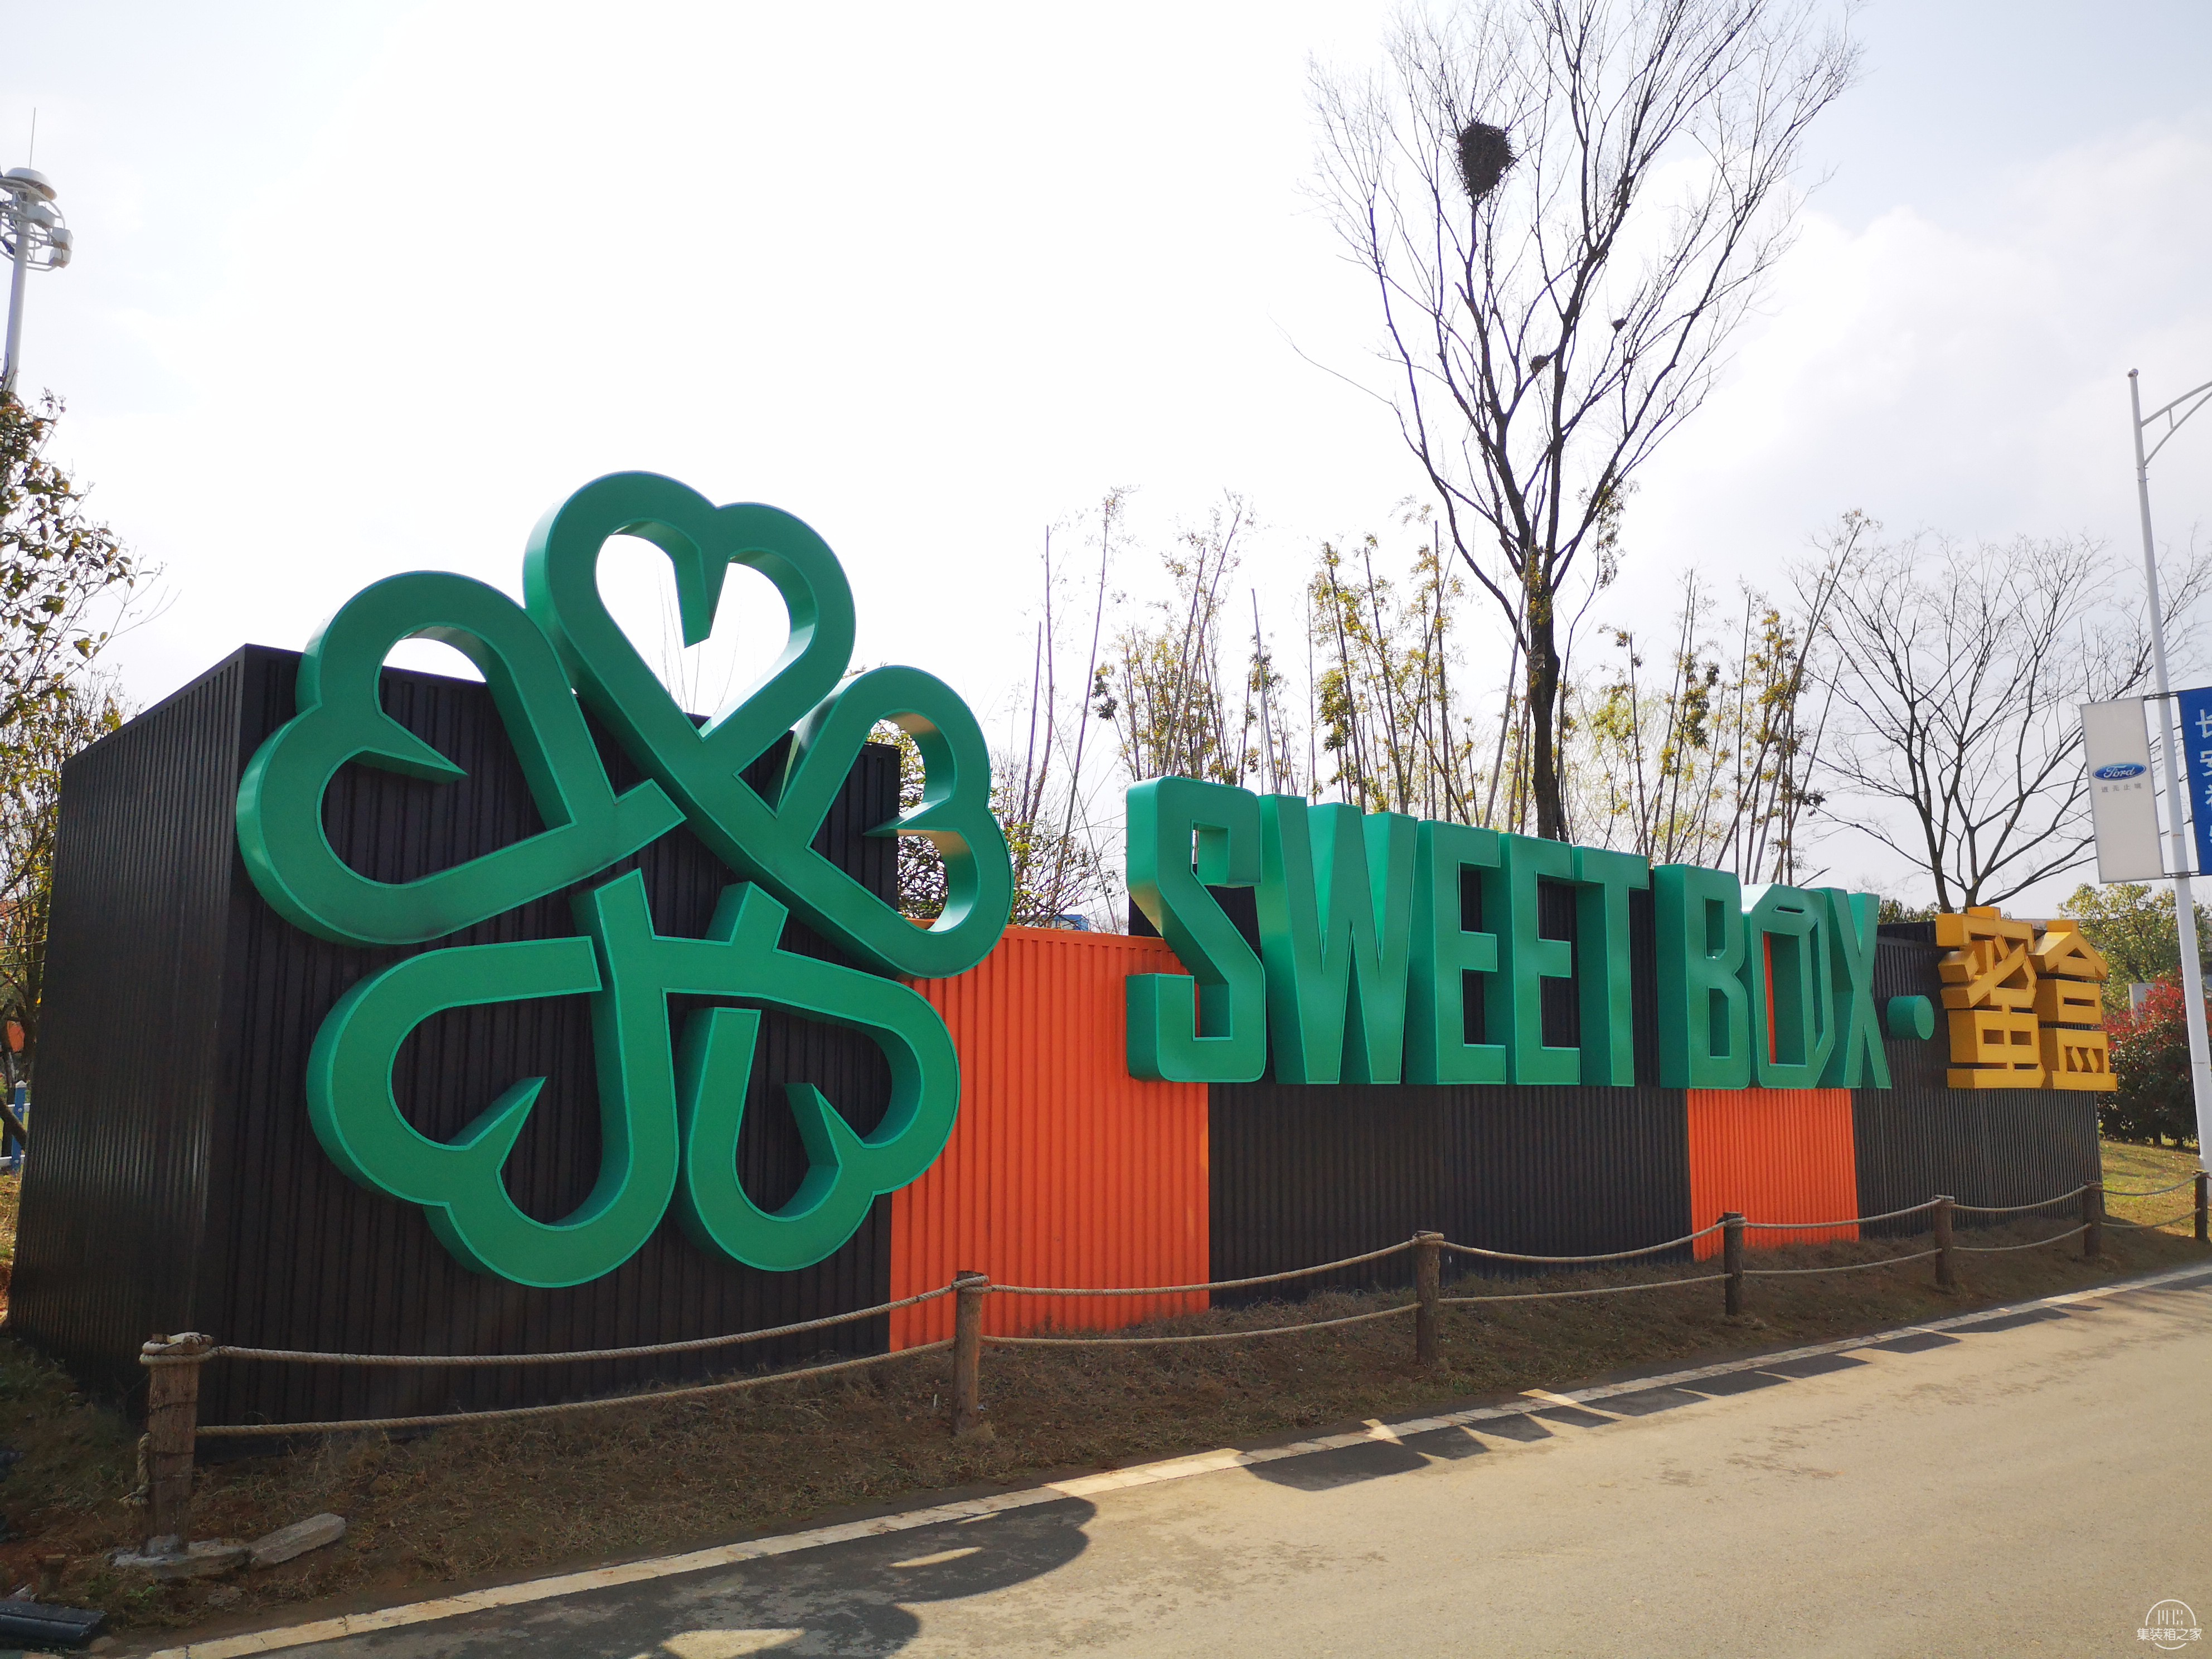 武汉蜜月湾:首个蜜月爱情主题度假区,还有甜蜜浪漫集装箱酒店-6.jpg